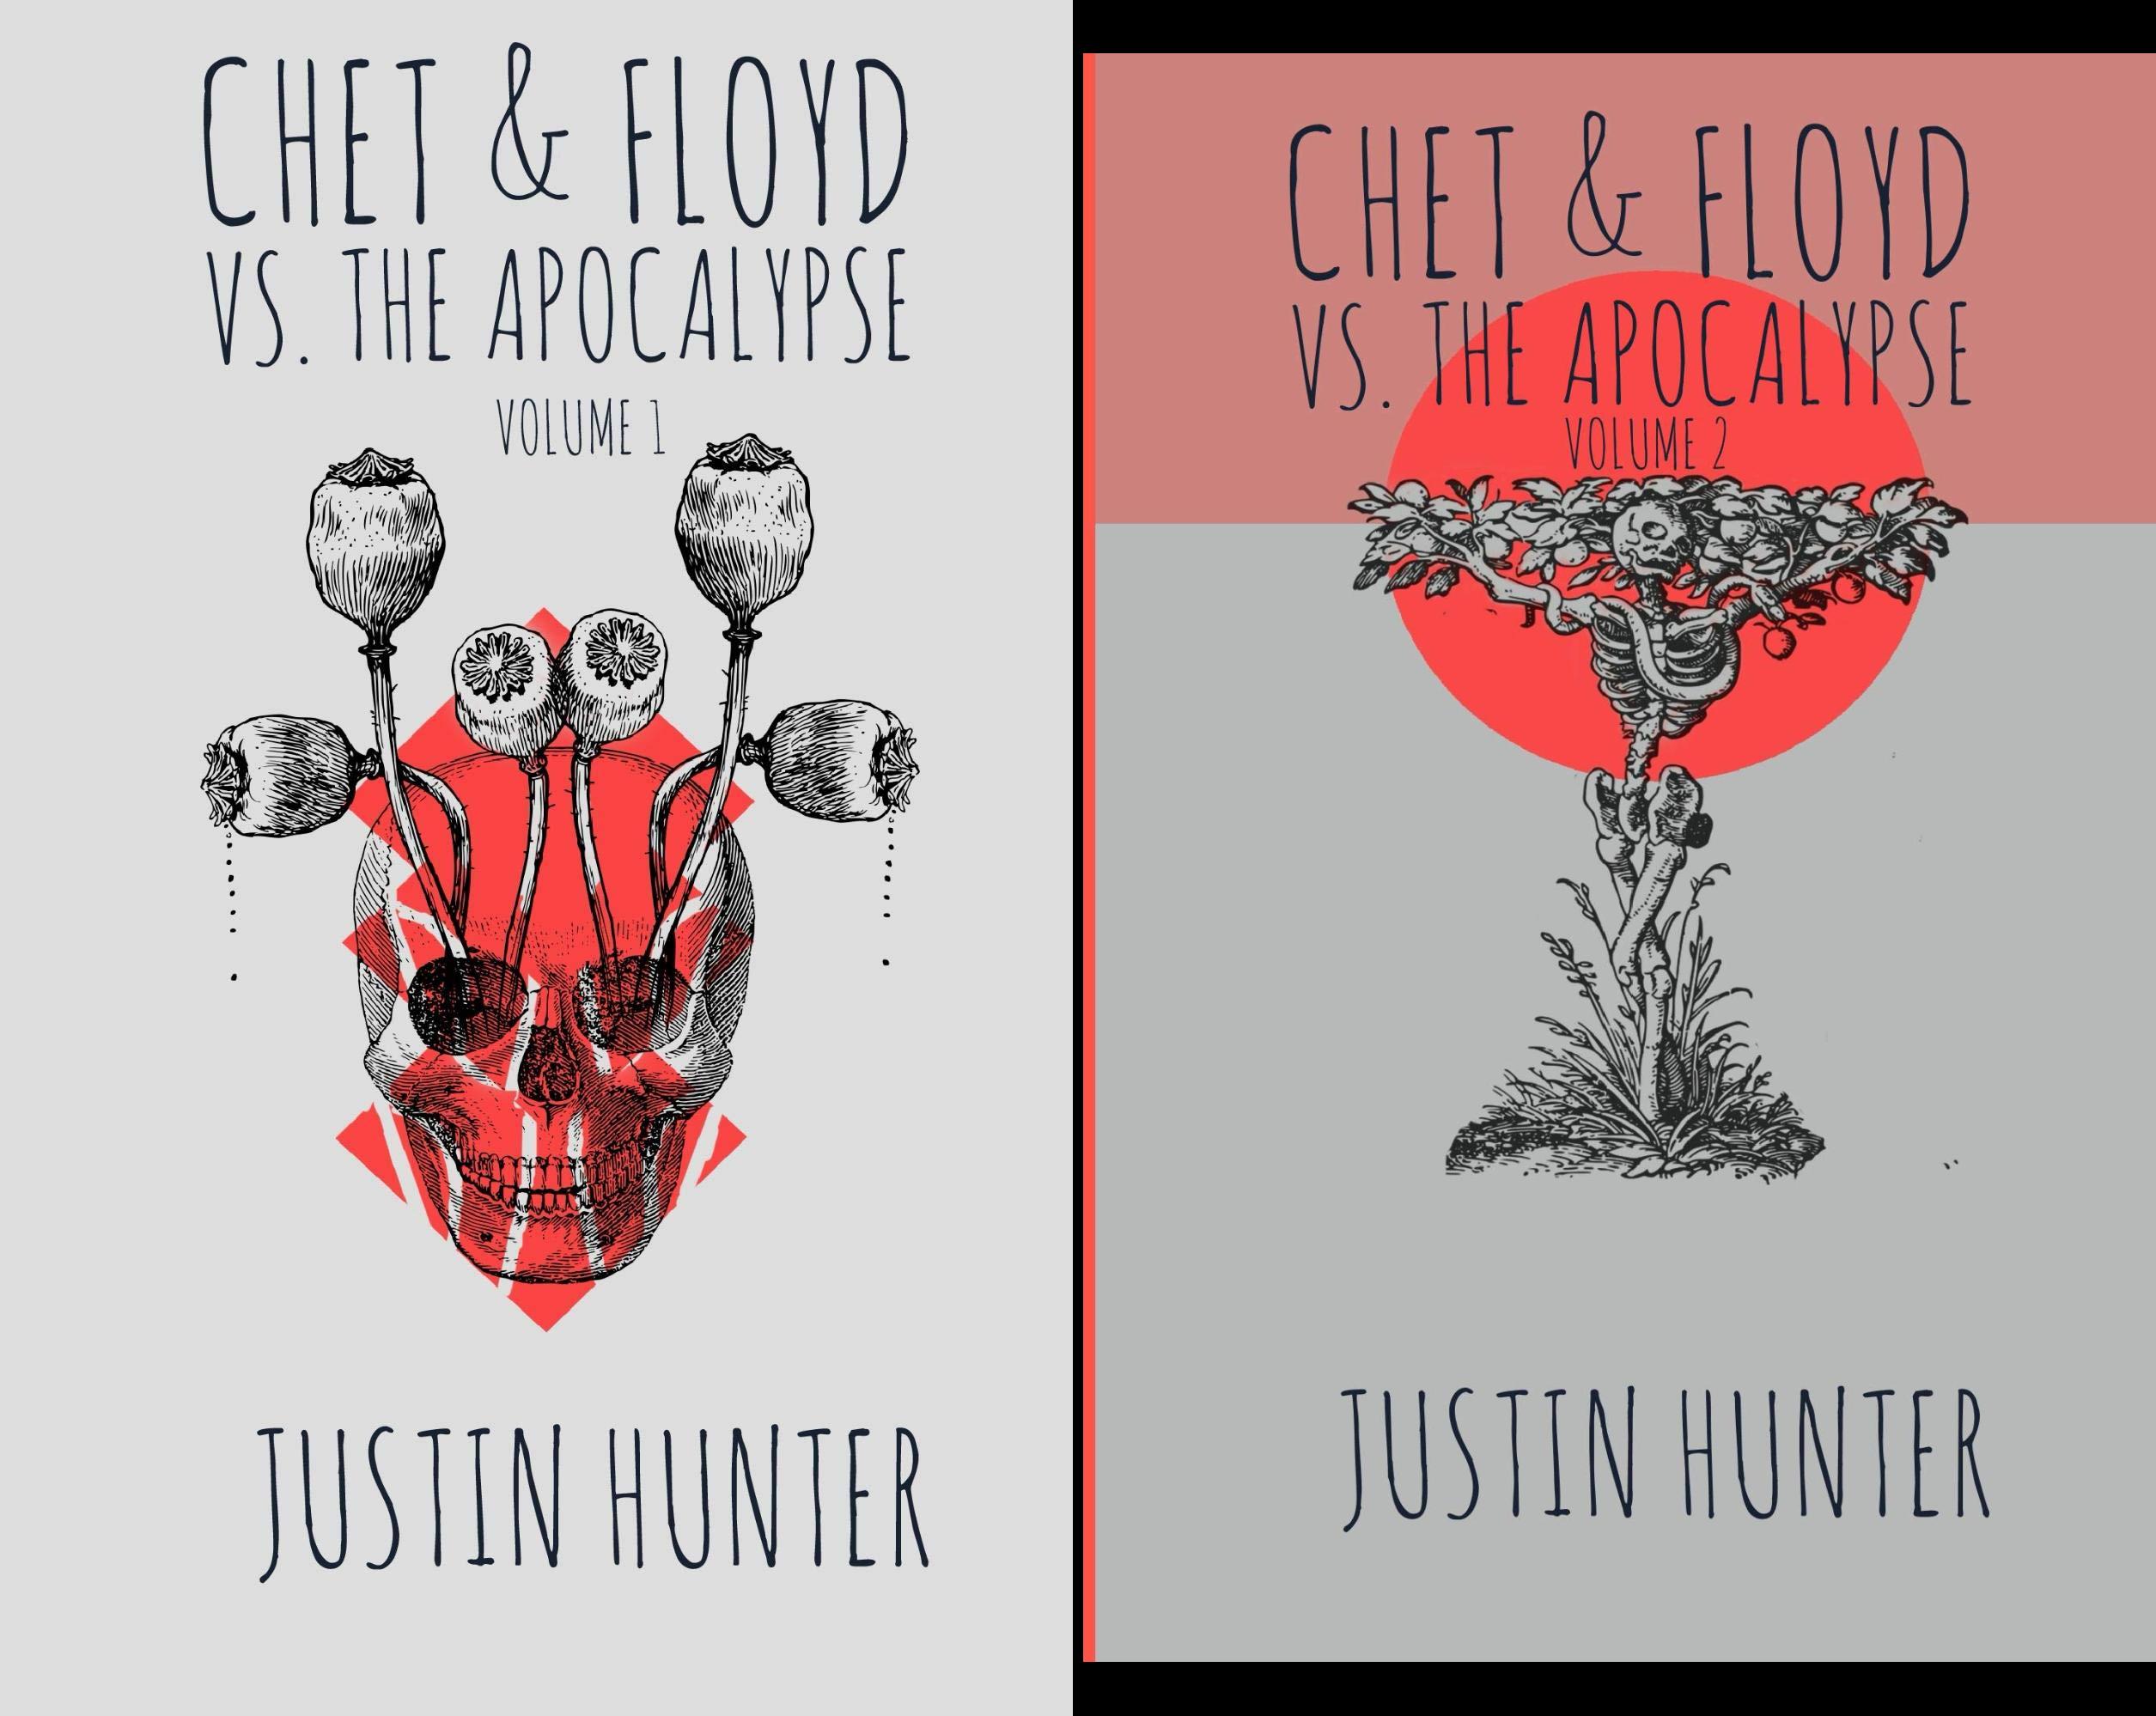 Chet & Floyd vs. the Apocalypse (2 Book Series)